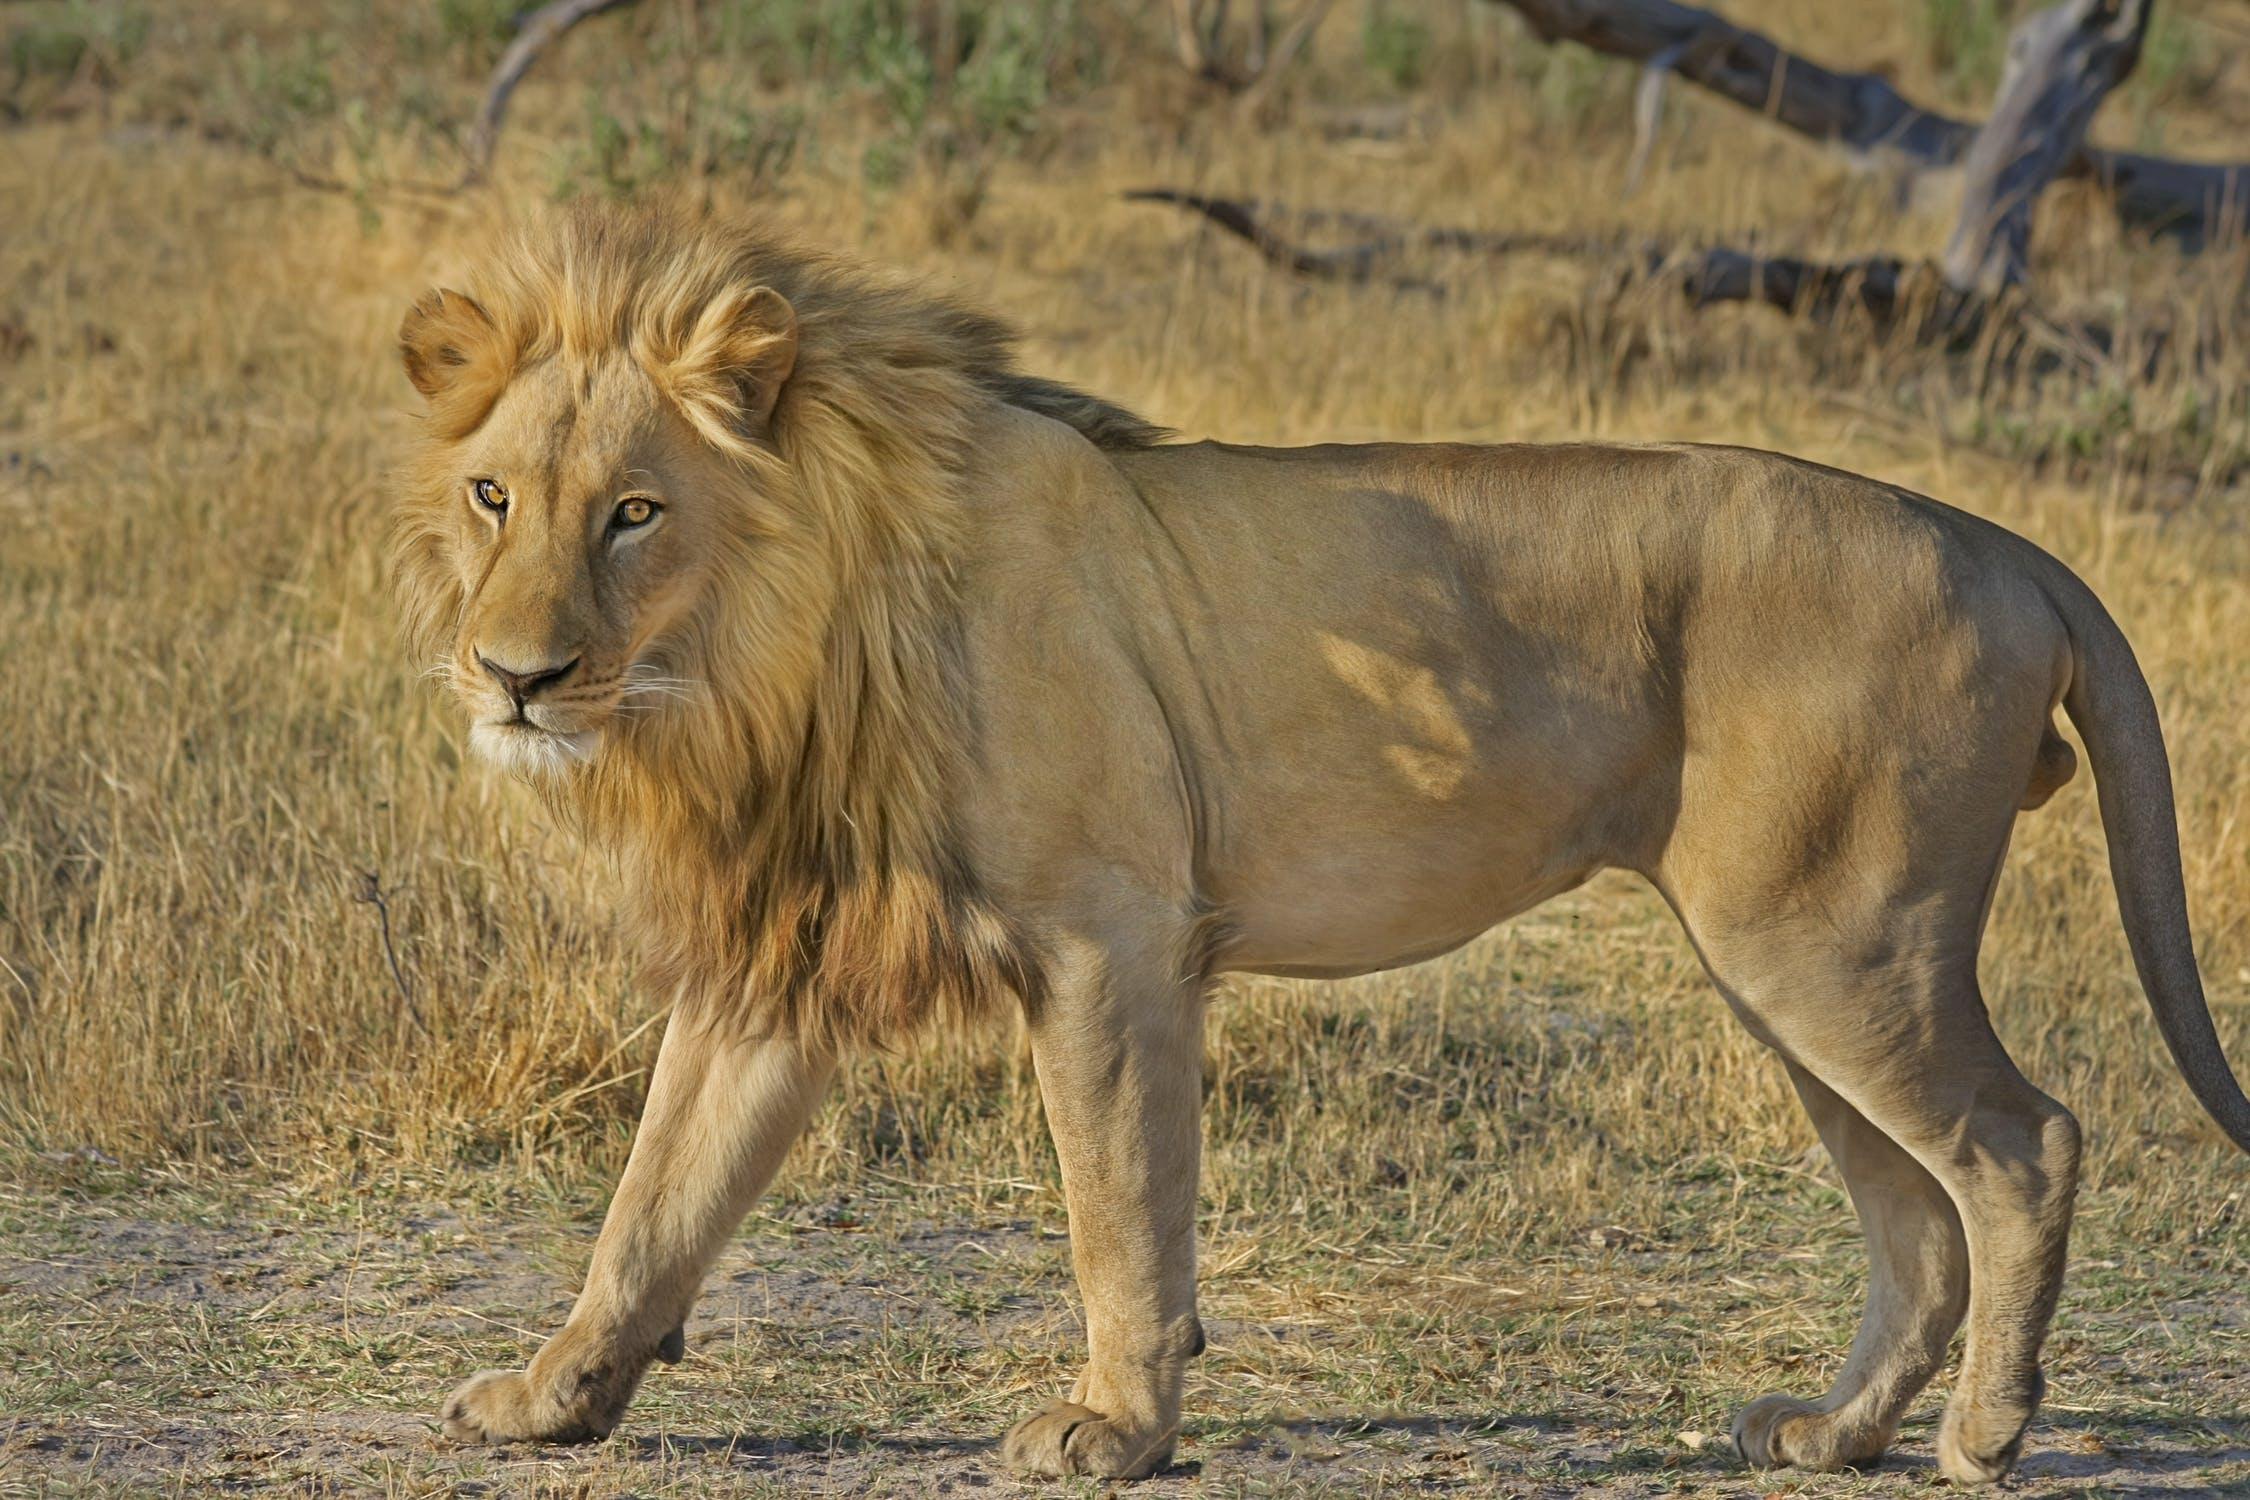 Leão sozinho que é possível observar por meio de um passeio de safári em sua viagem para a África do Sul